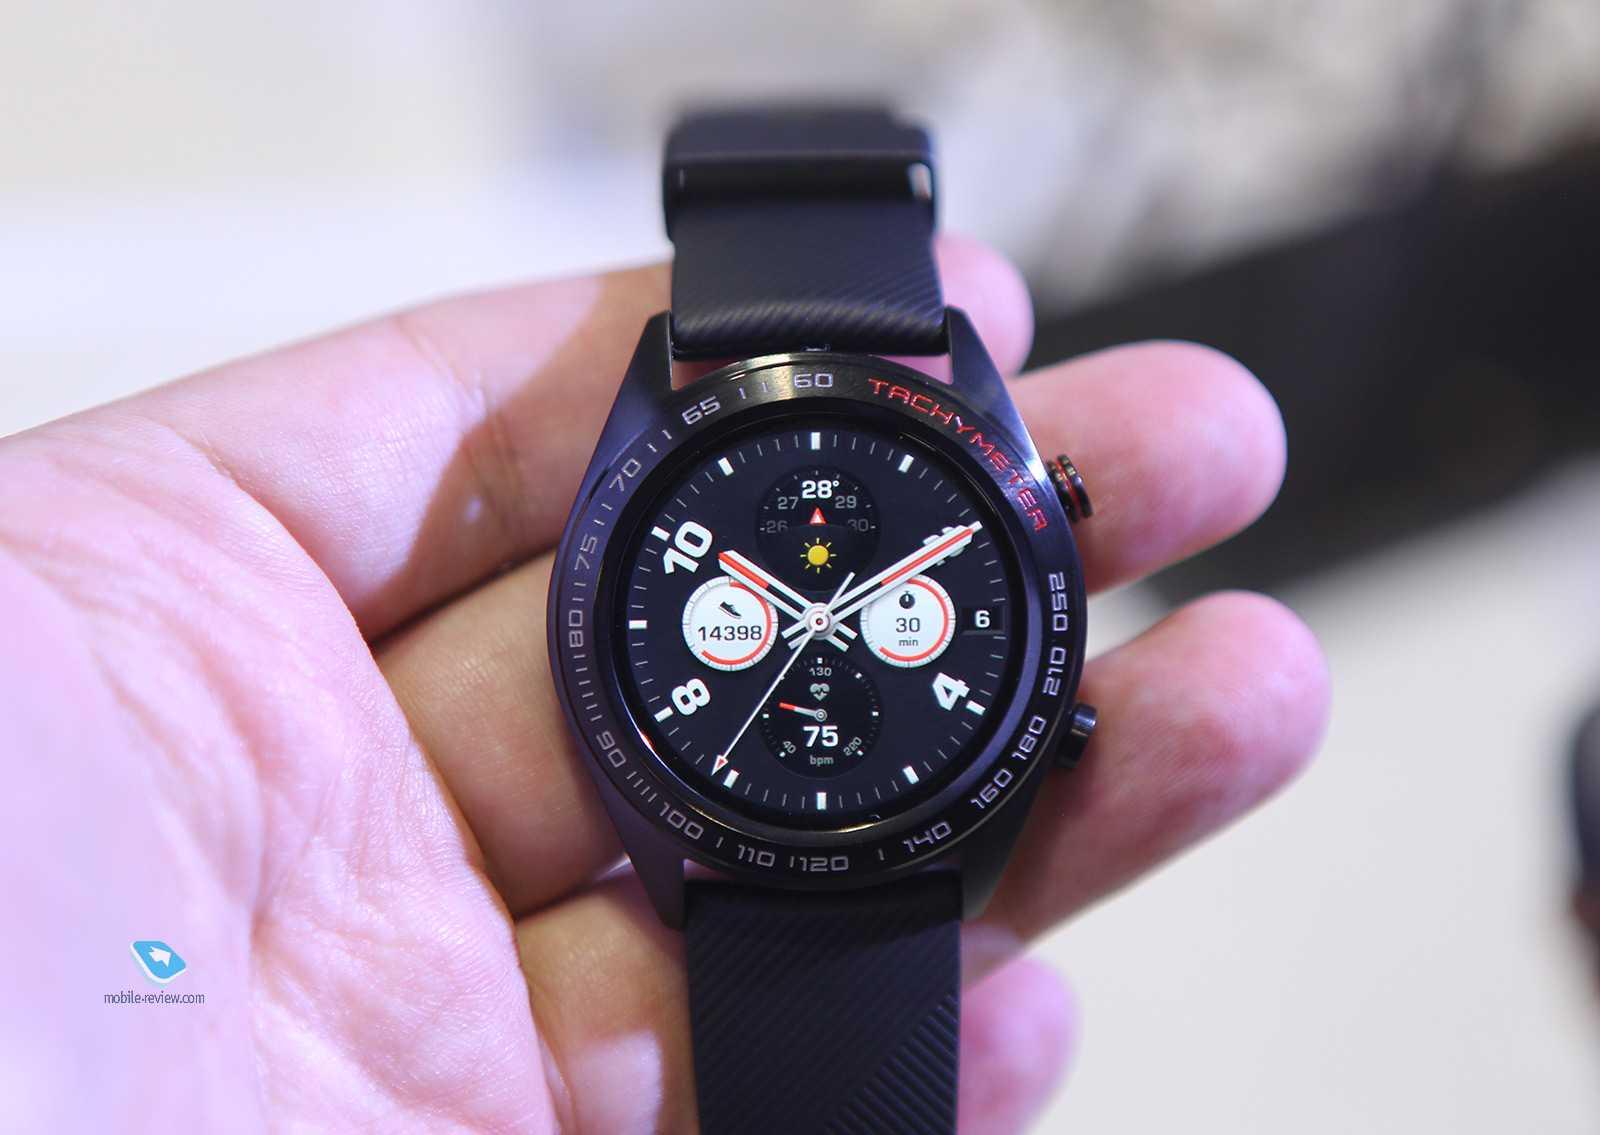 Циферблаты для huawei watch gt/gt 2 и honor watch magic: где скачать, как установить новые и поменять старые